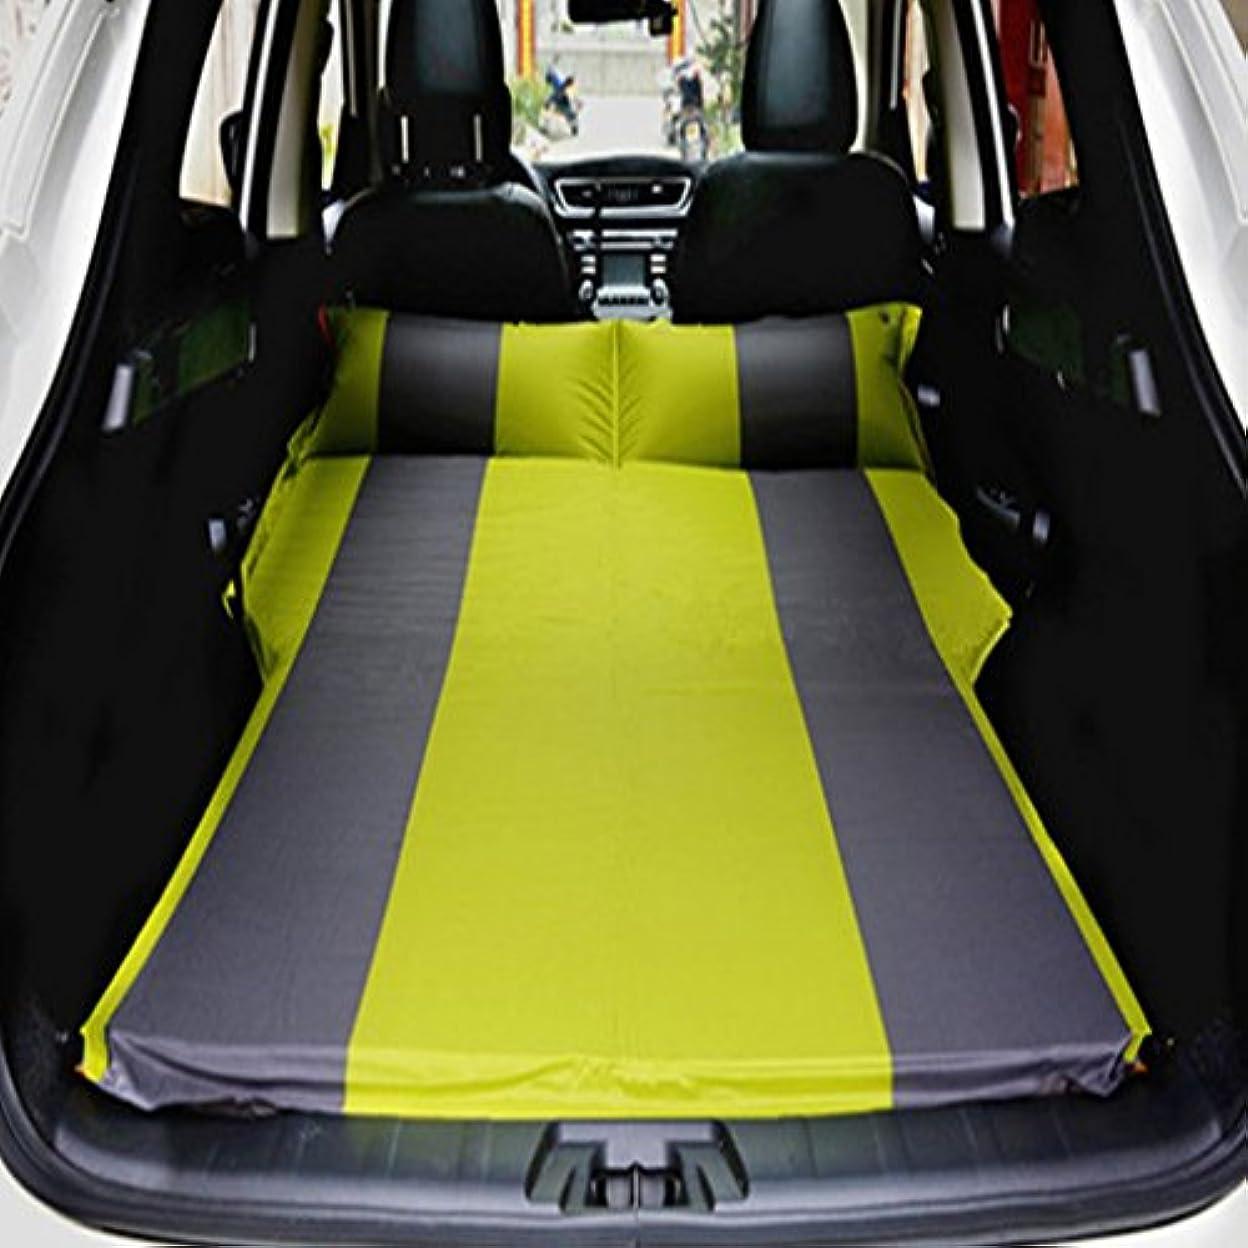 ハイブリッドドーム玉GYP インフレータブルマットレスナップアウトドアキャンプキャンプ湿気から車旅行ベッドカーベッドカーショック - プルーフパッドオフ - ロード車車の使用 (色 : C)